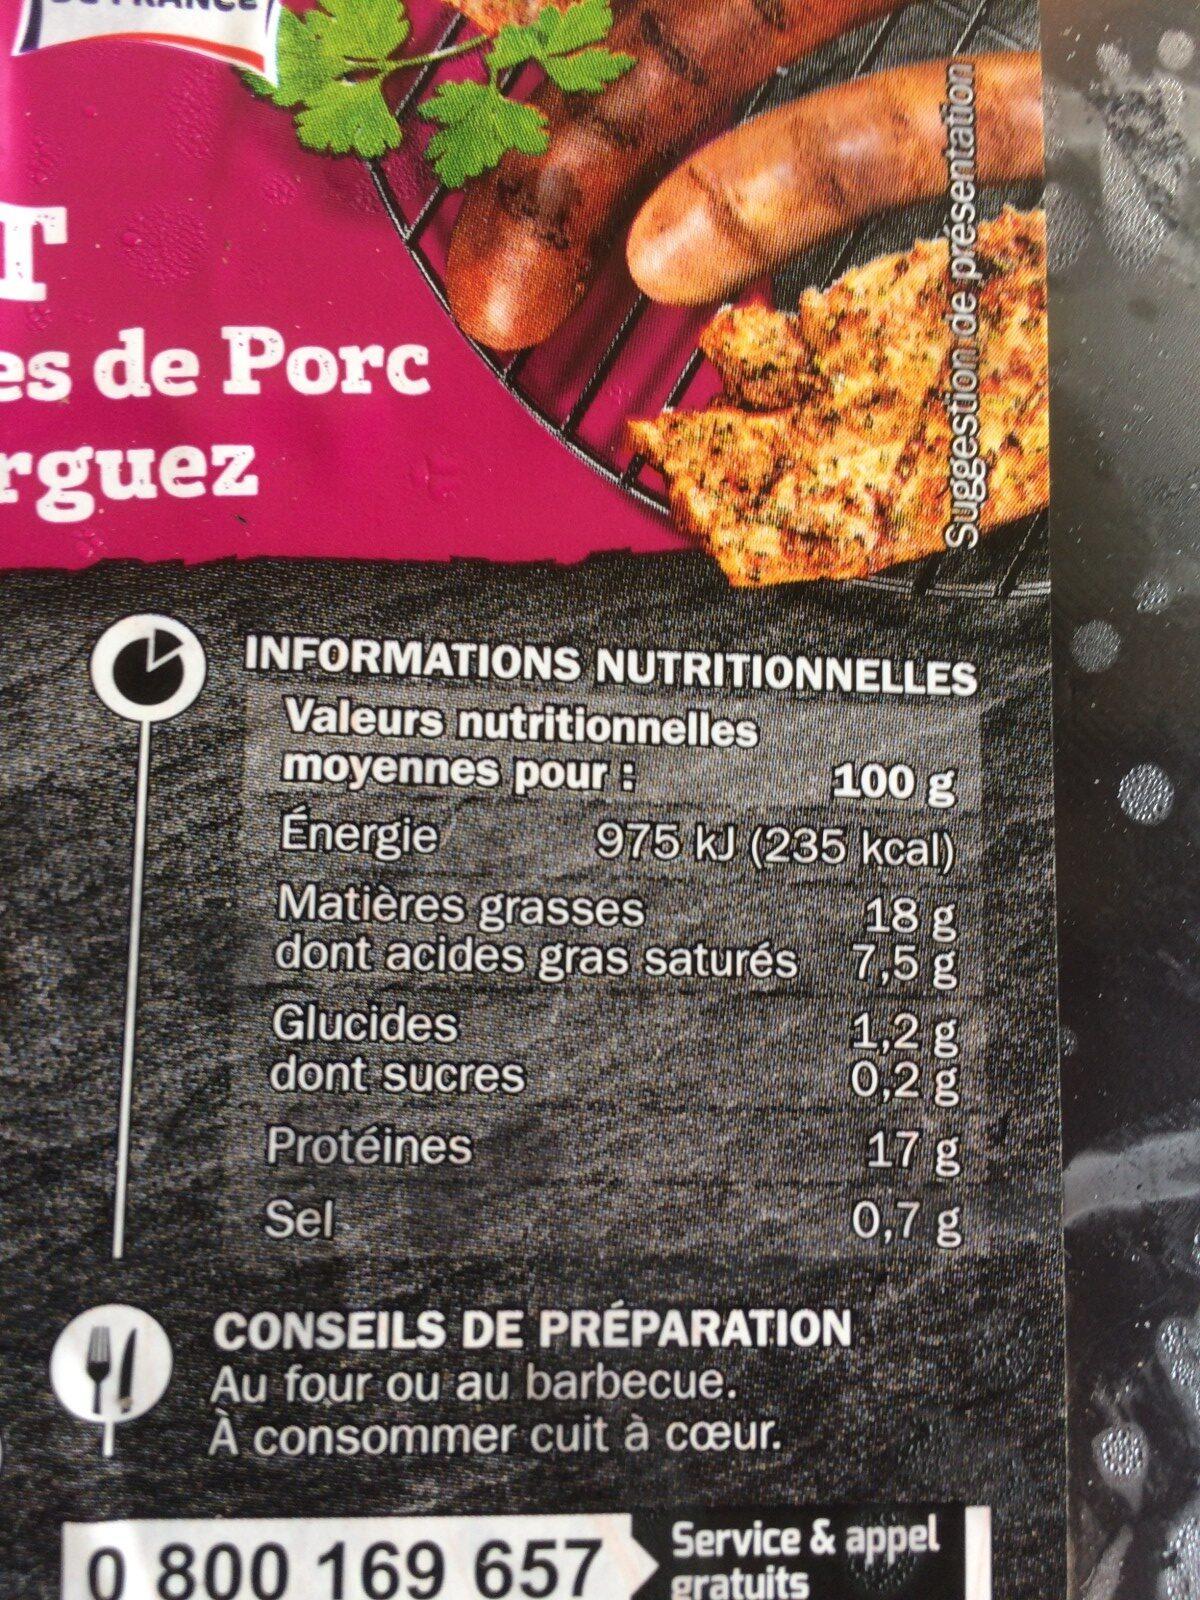 Assortiment : 4 côtes de porc + 4 poitrines de porc + 4 chipolatas + 4 merguez - Ingredients